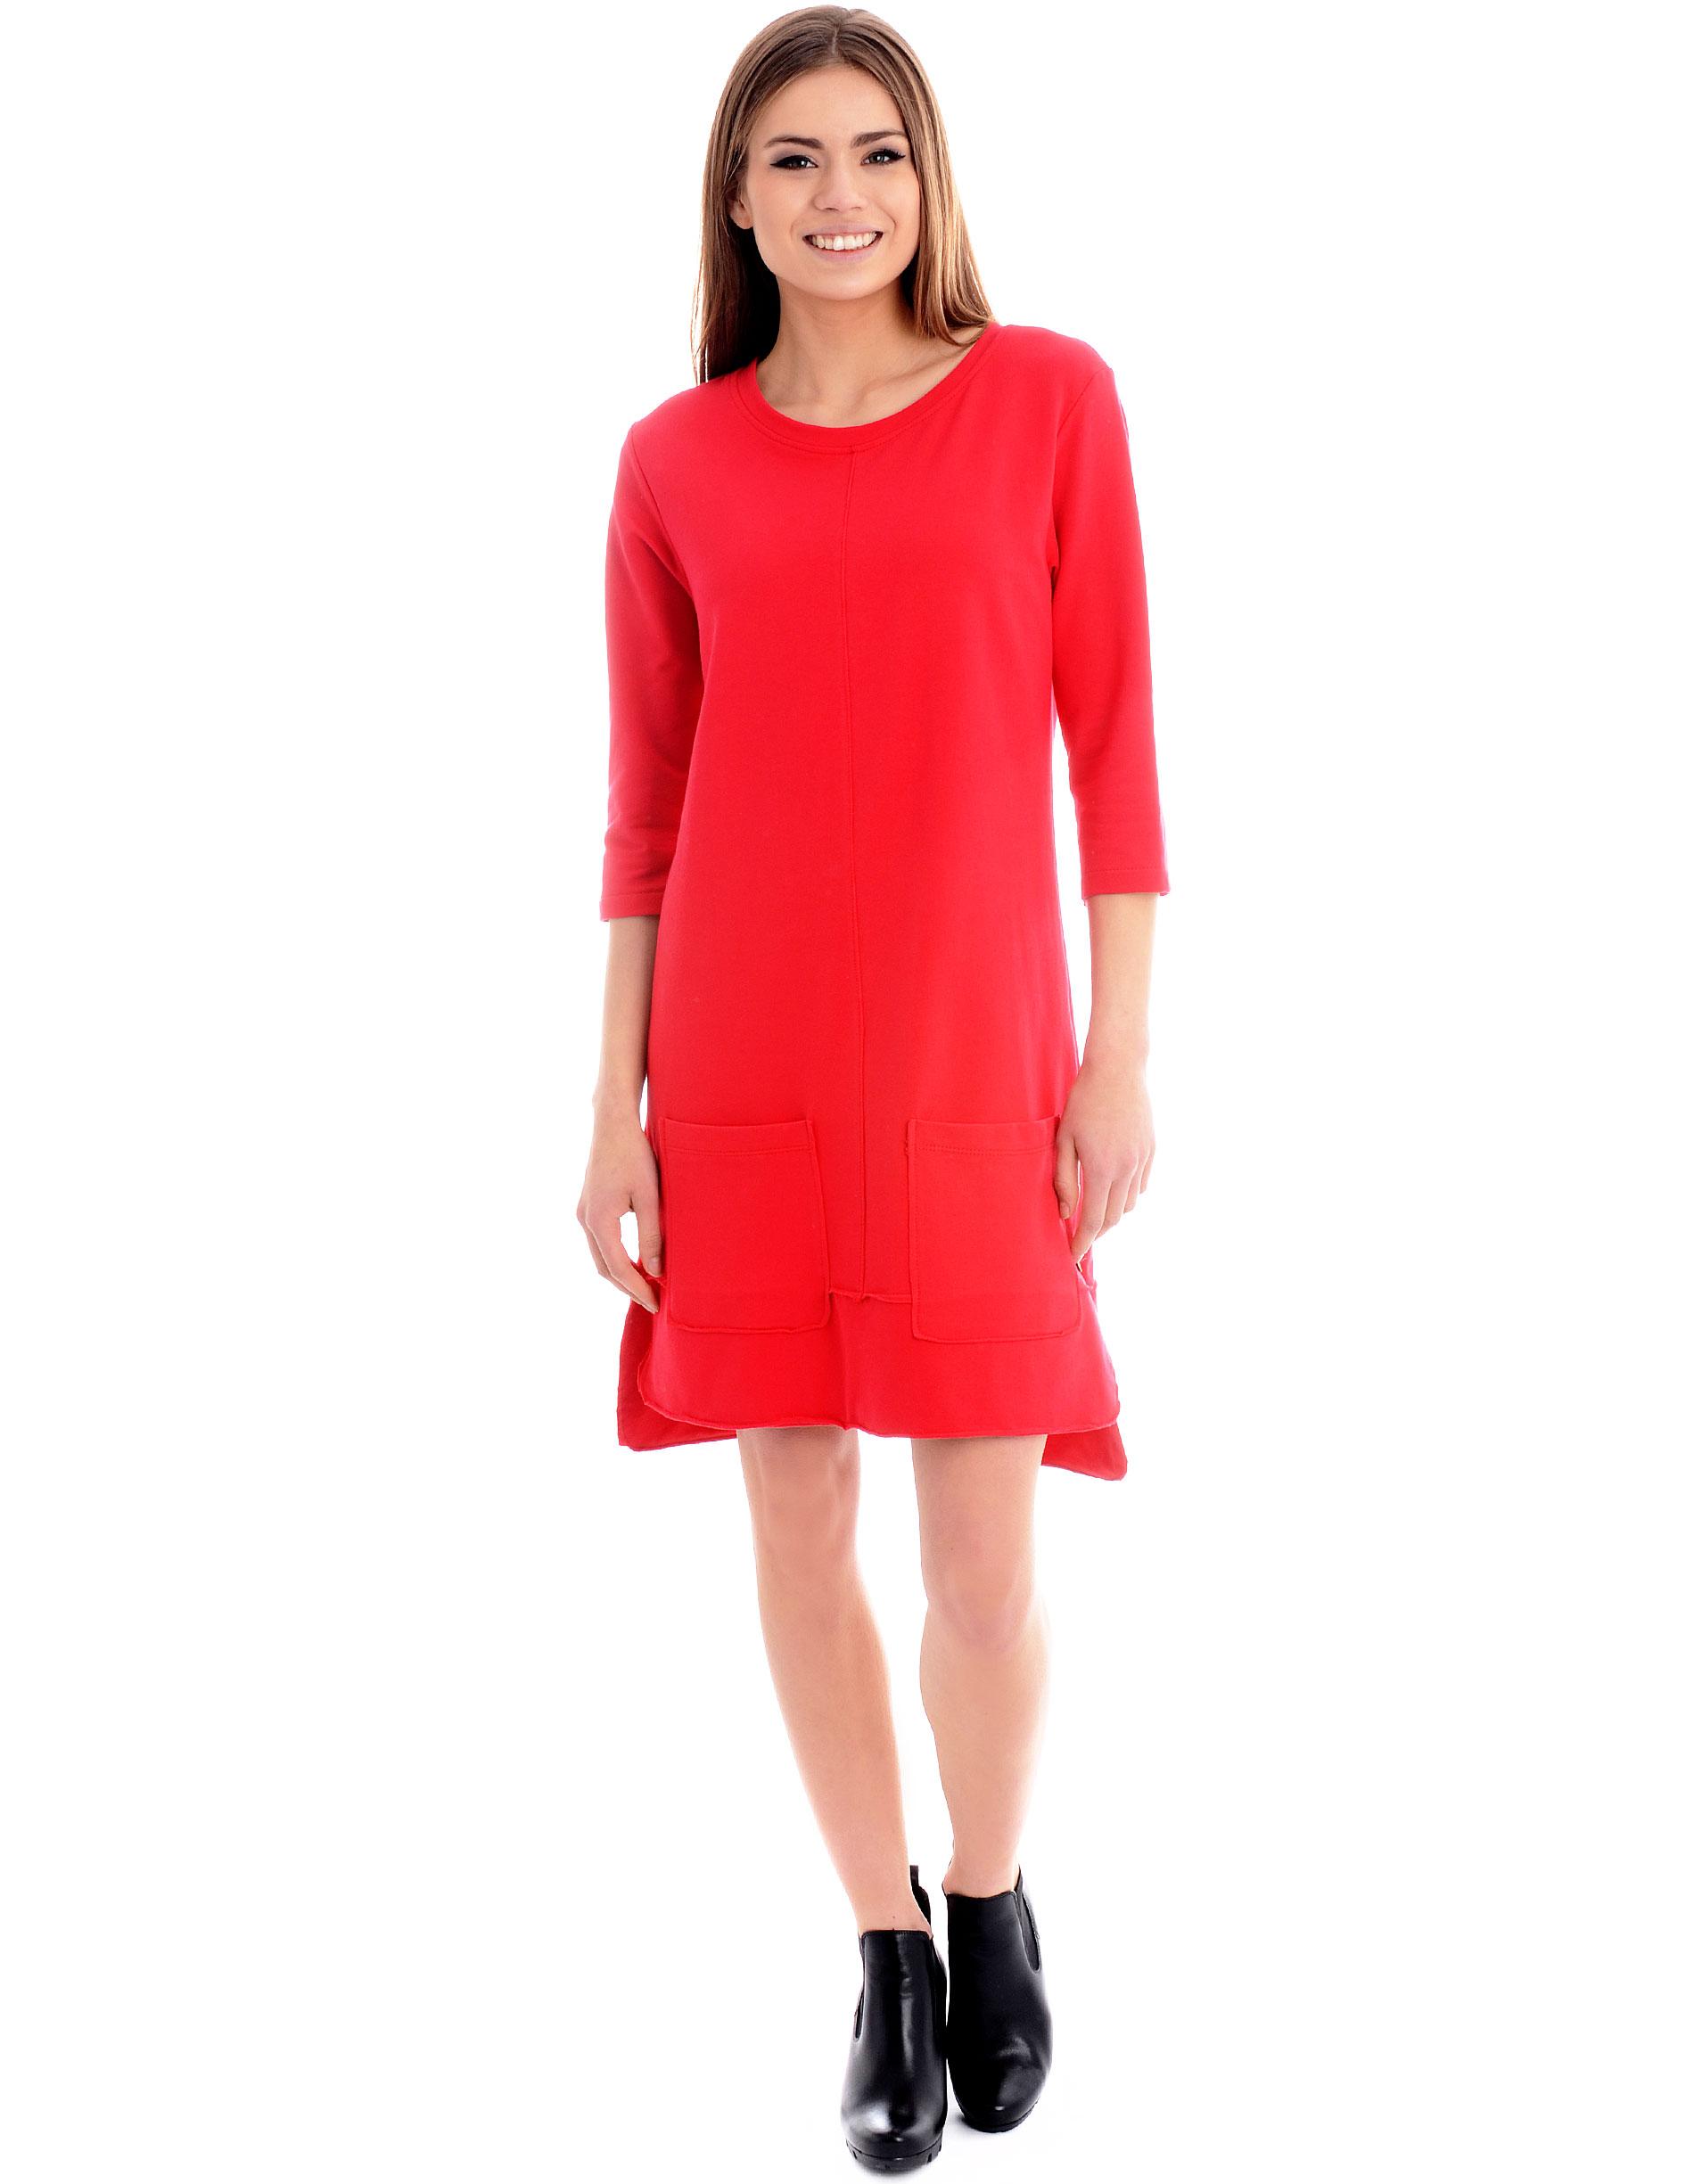 Sukienka - 94-001 ROSSO - Unisono